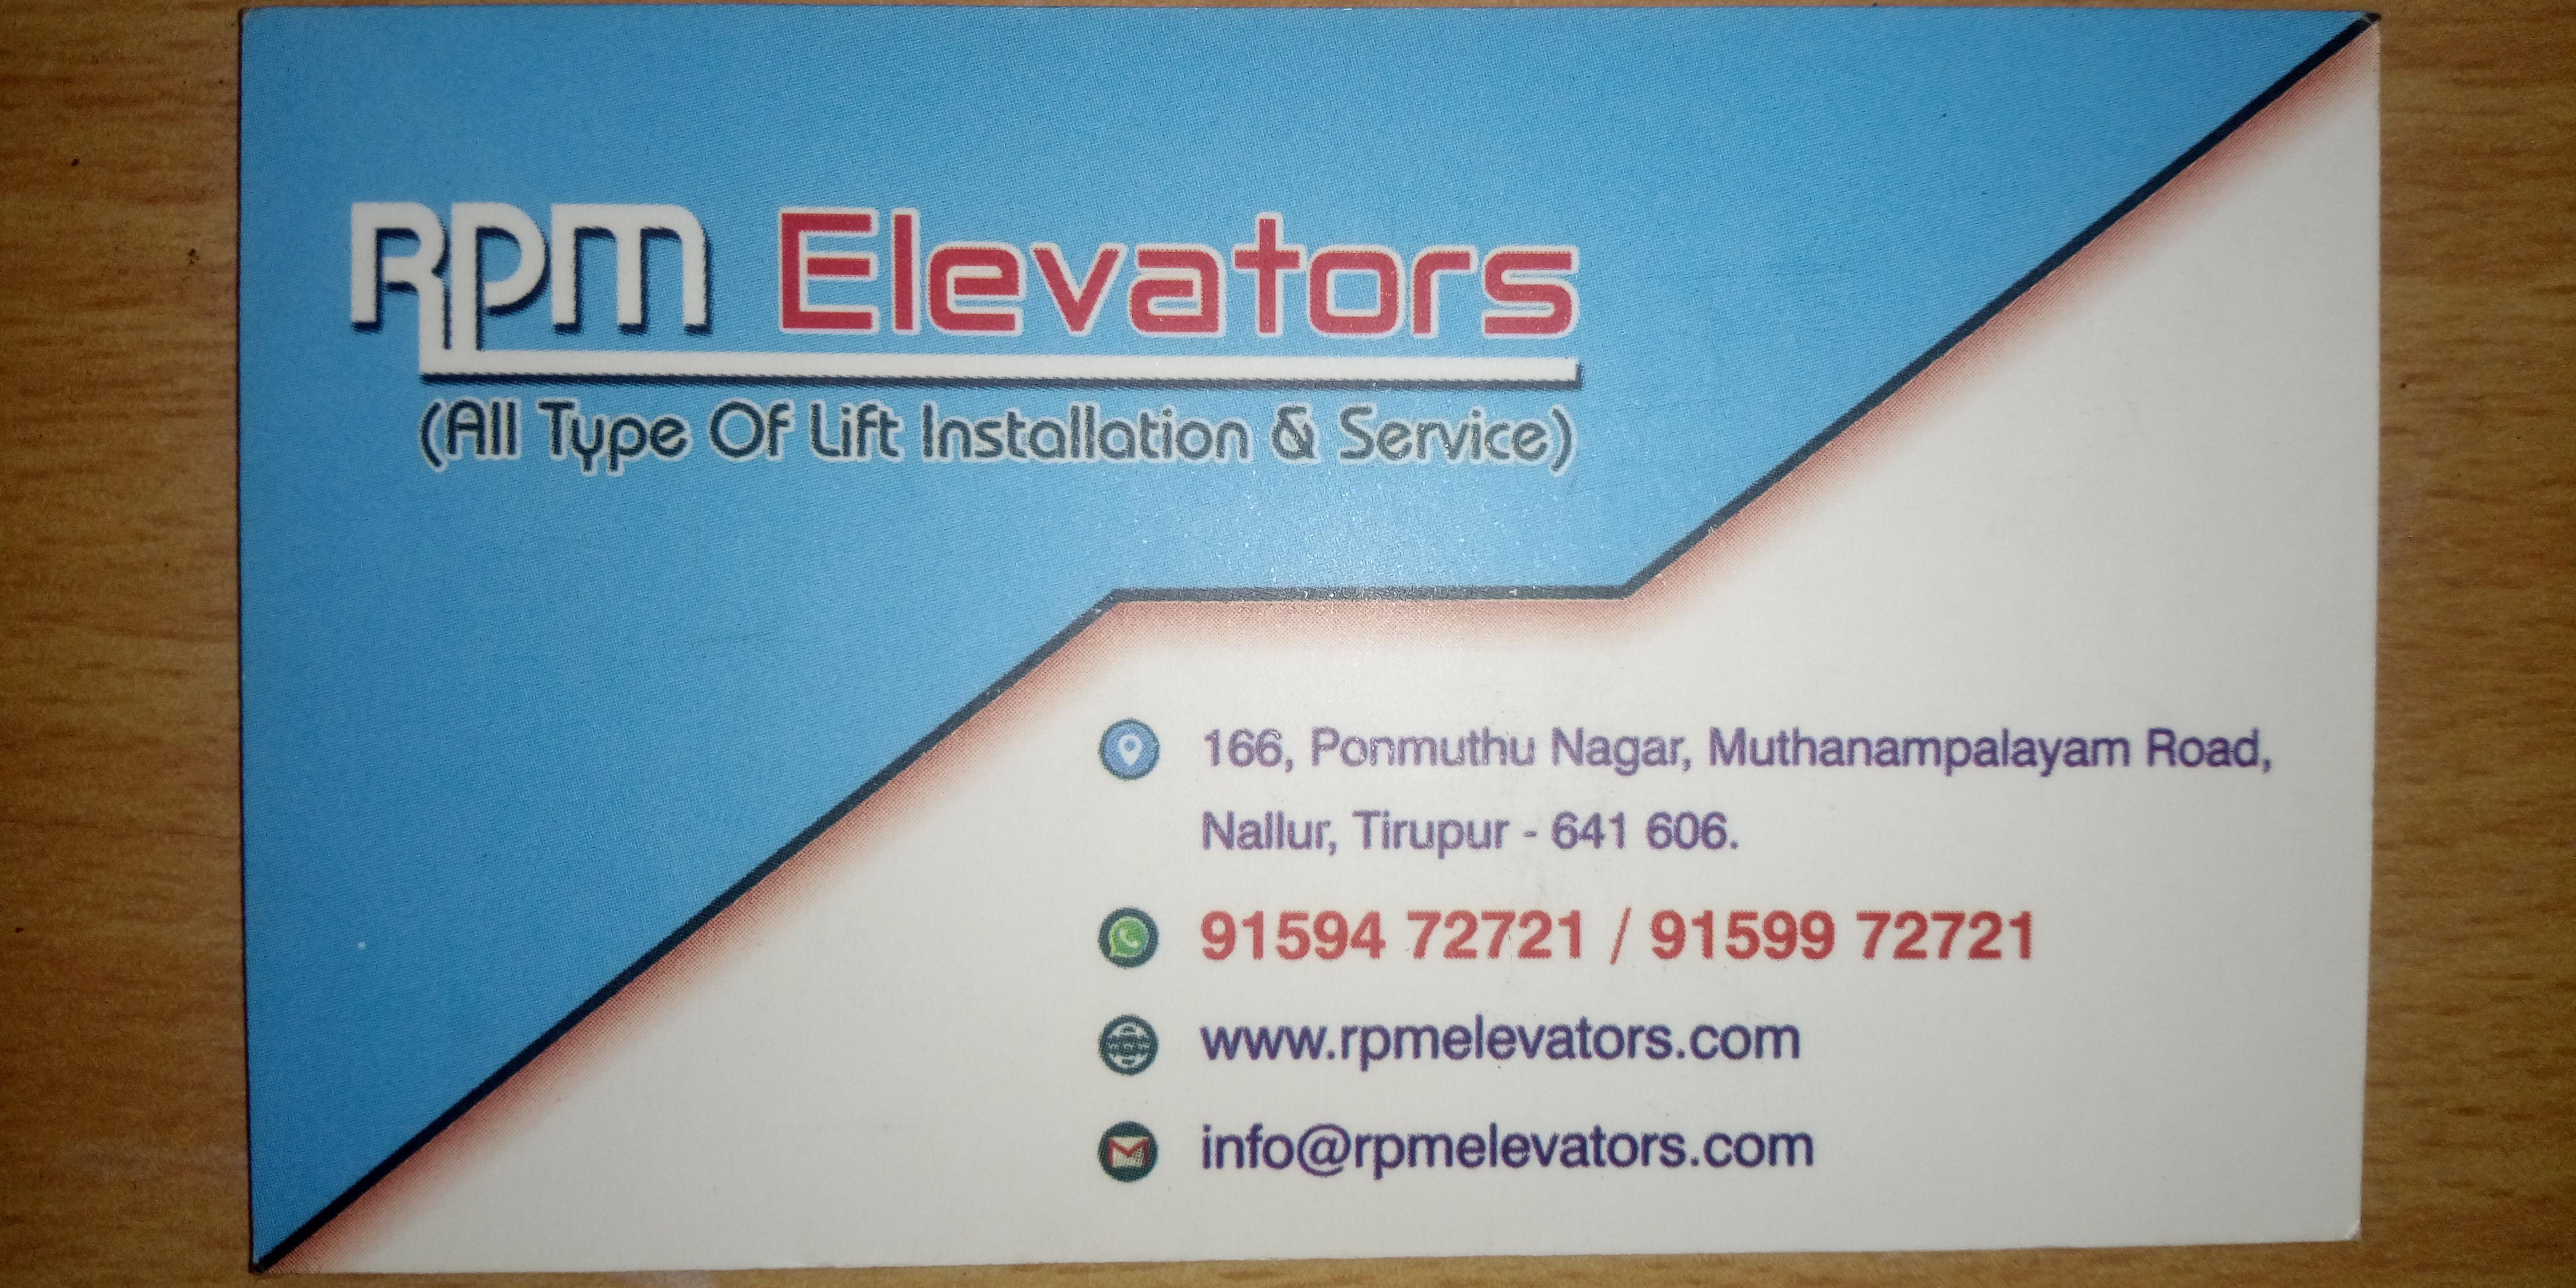 RPM Elevatorrs